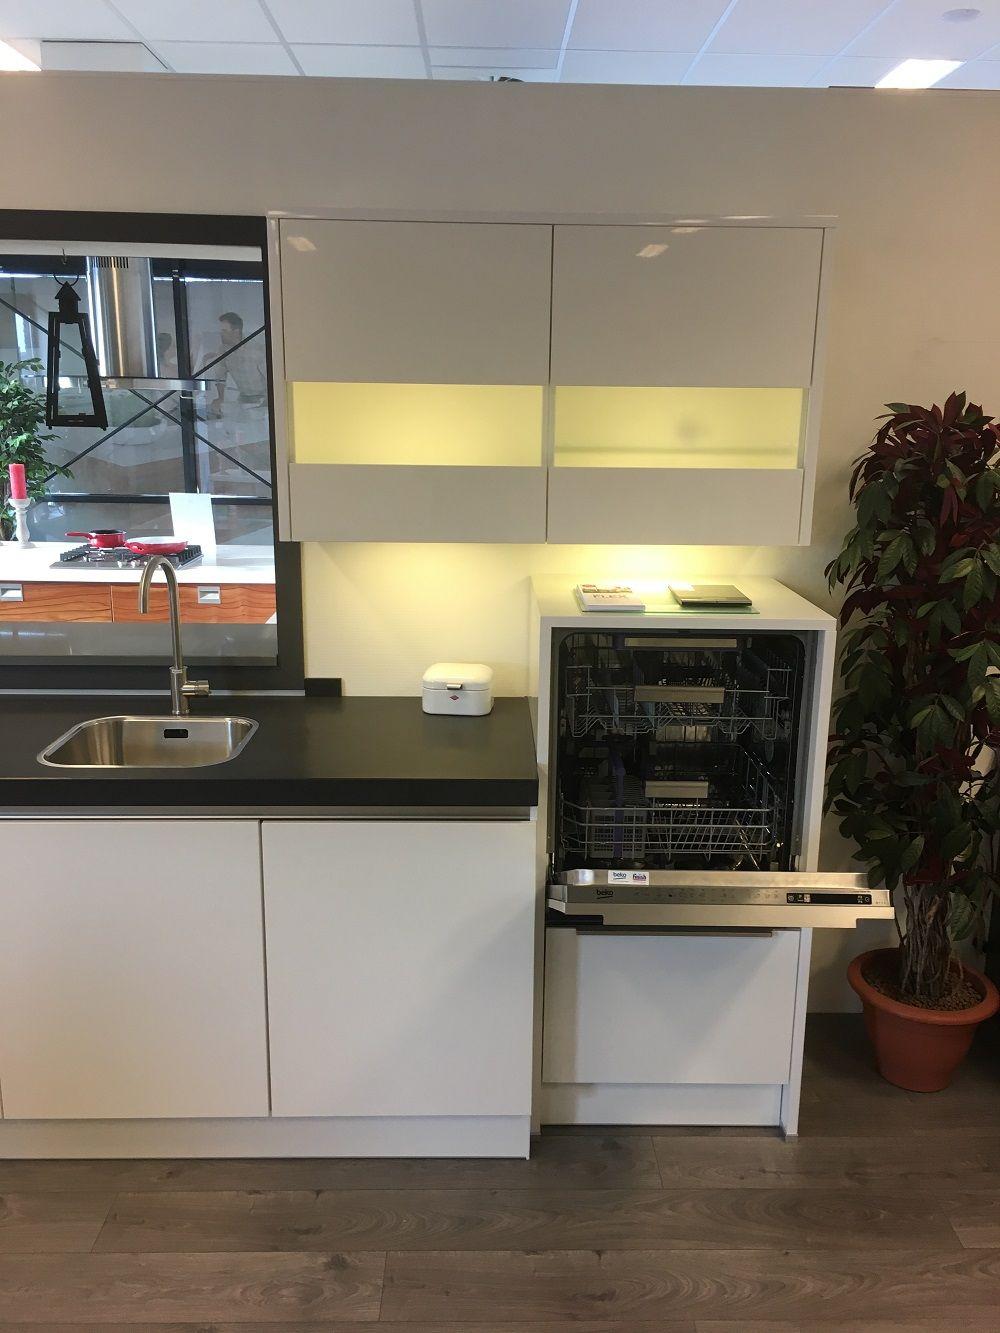 Keukenprijs altijd de beste keukenprijs hoogglans keuken 59050 - De beste hedendaagse keukens ...